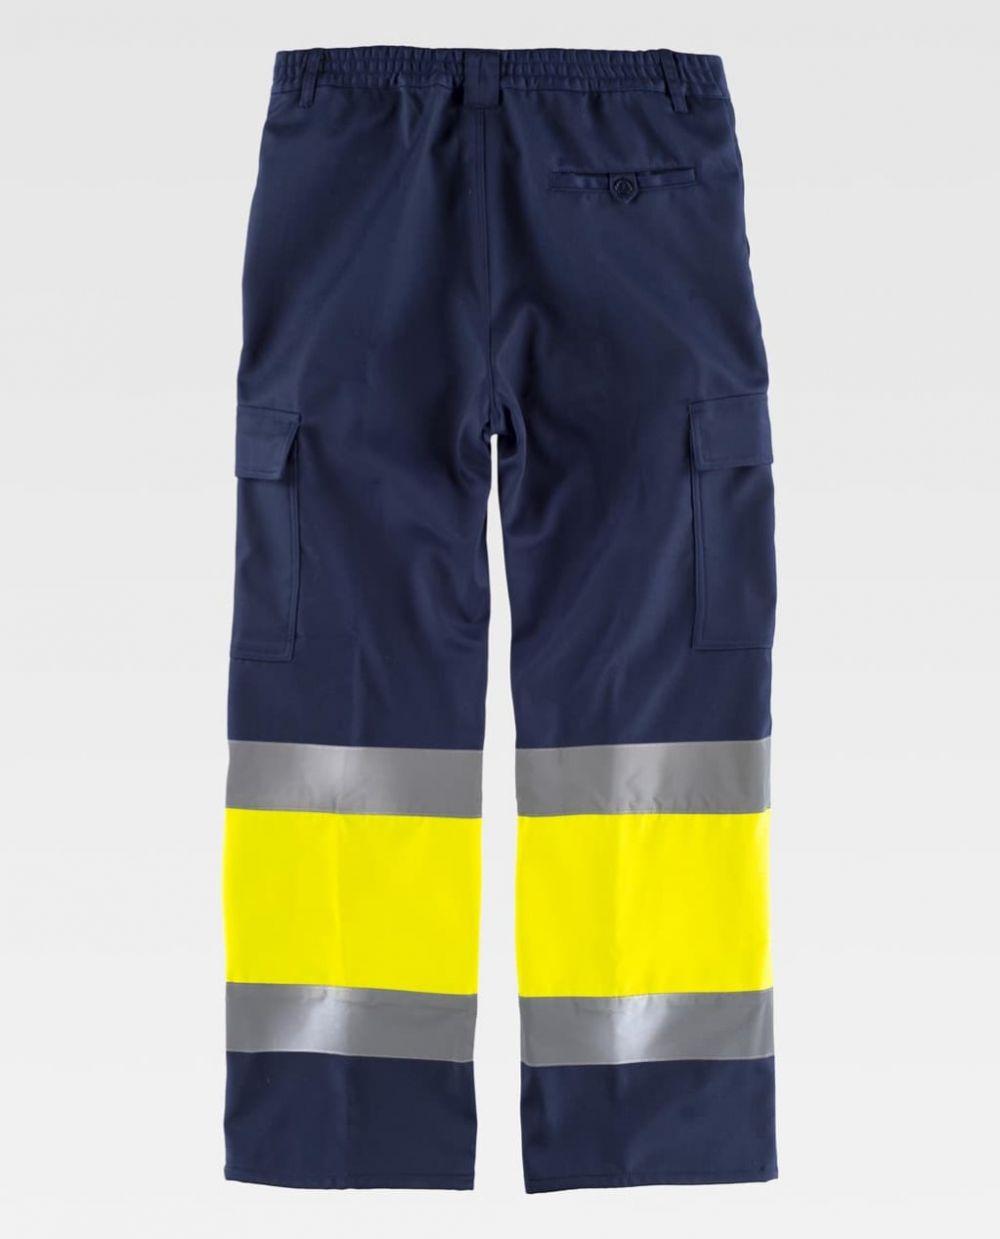 Pantalones reflectantes workteam para el frio combinada con alta visibilidad de poliéster vista 2